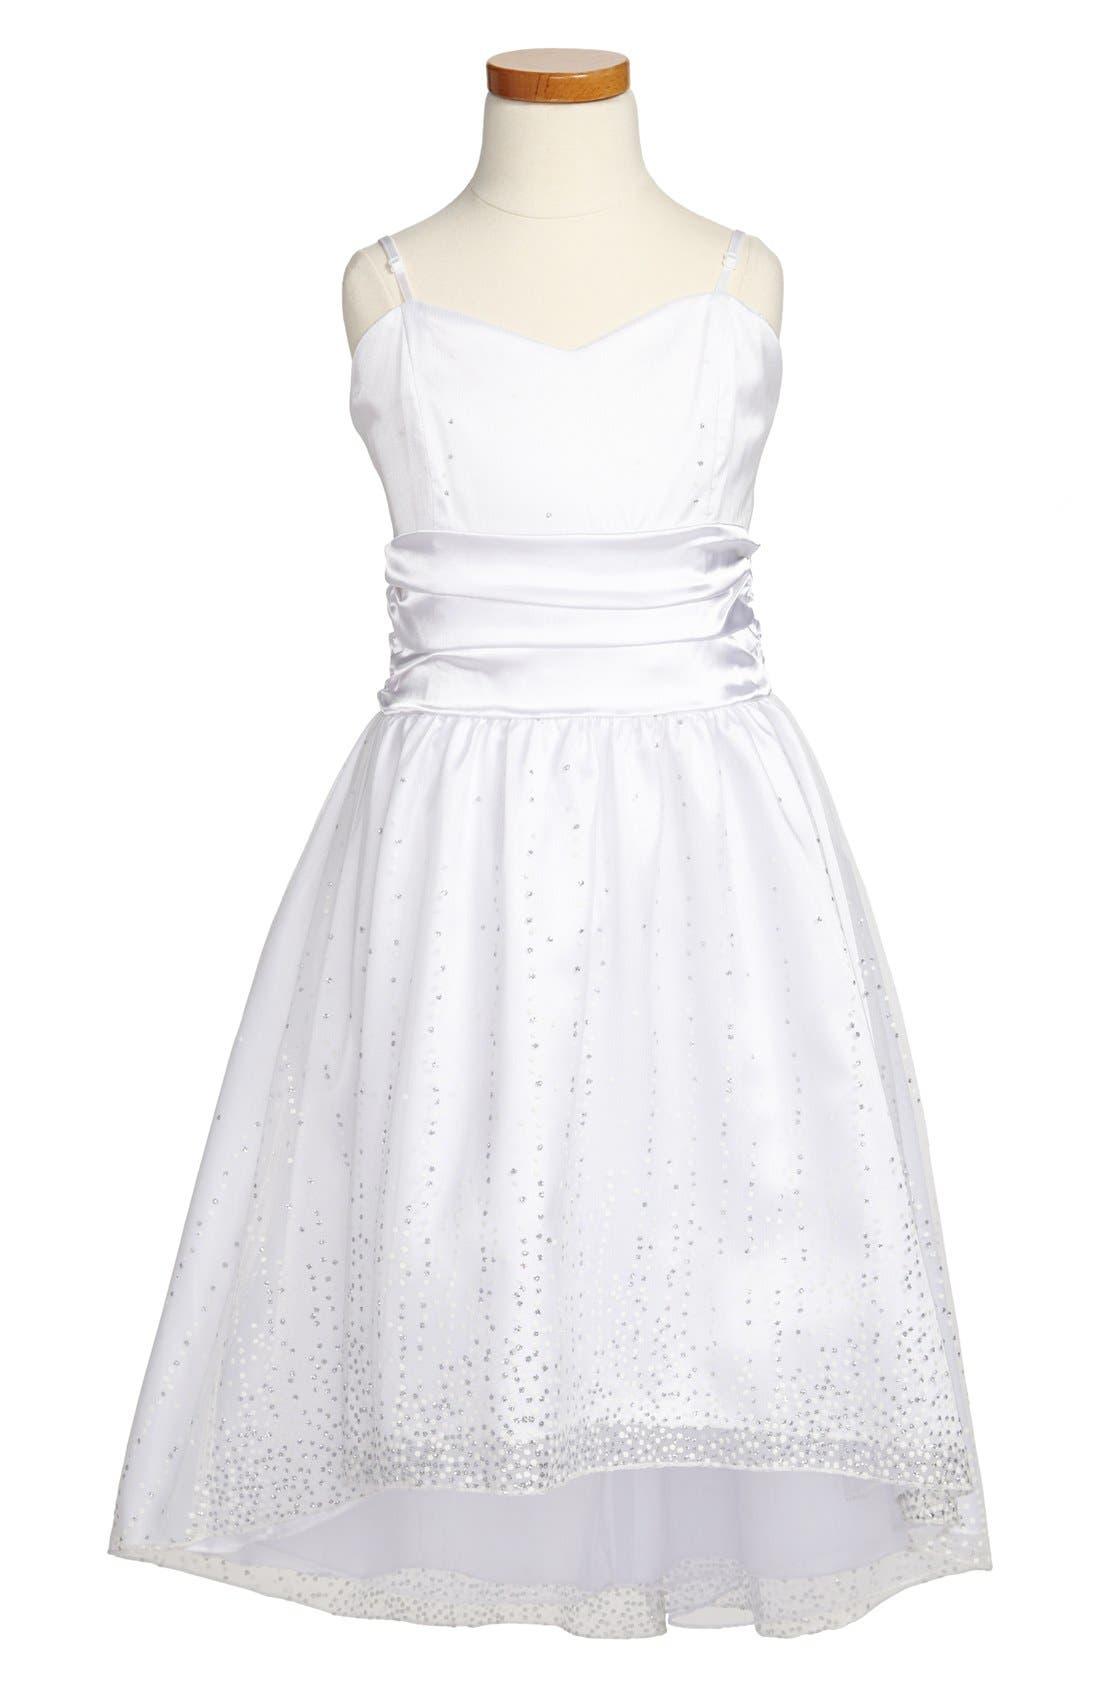 Main Image - Un Deux Trois 'Sequin Spray' High/Low Dress (Big Girls)